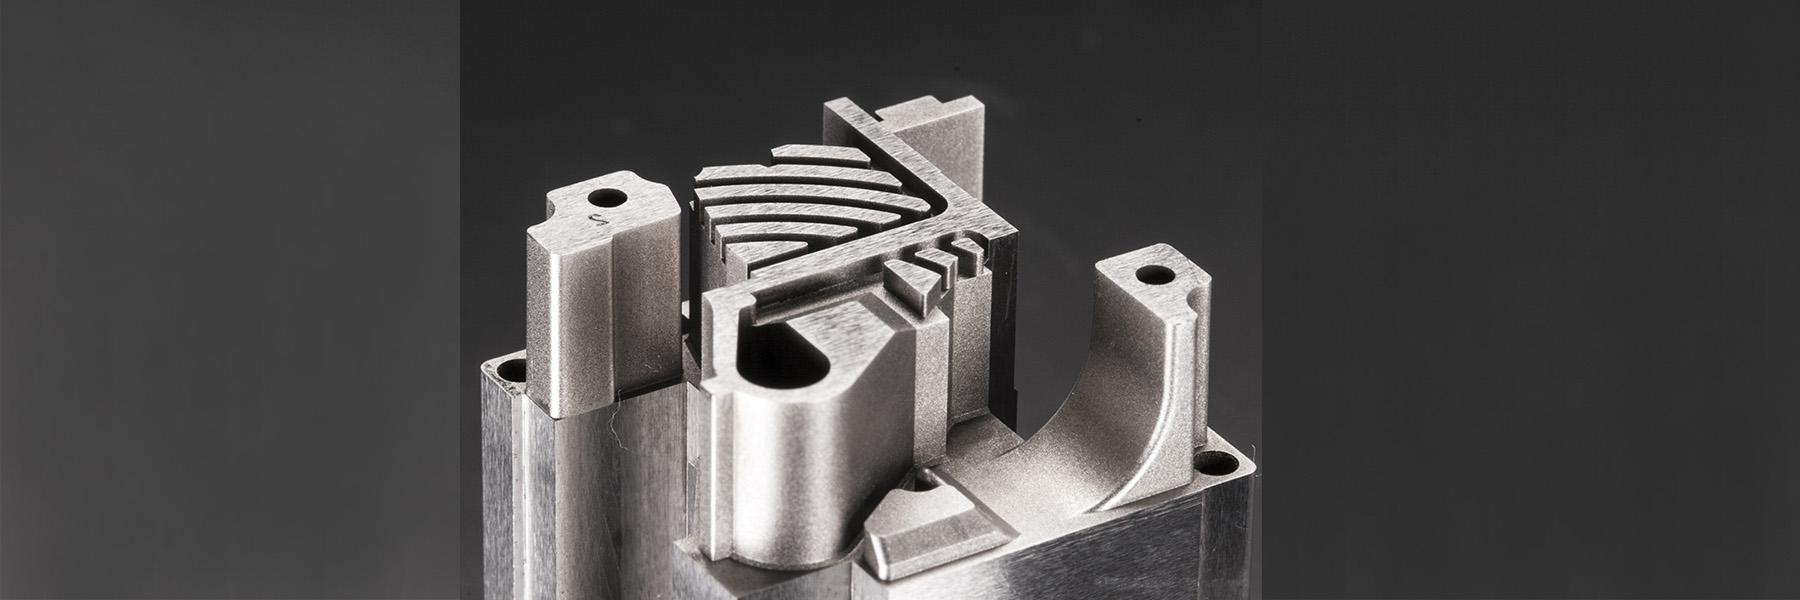 Precision mold insert